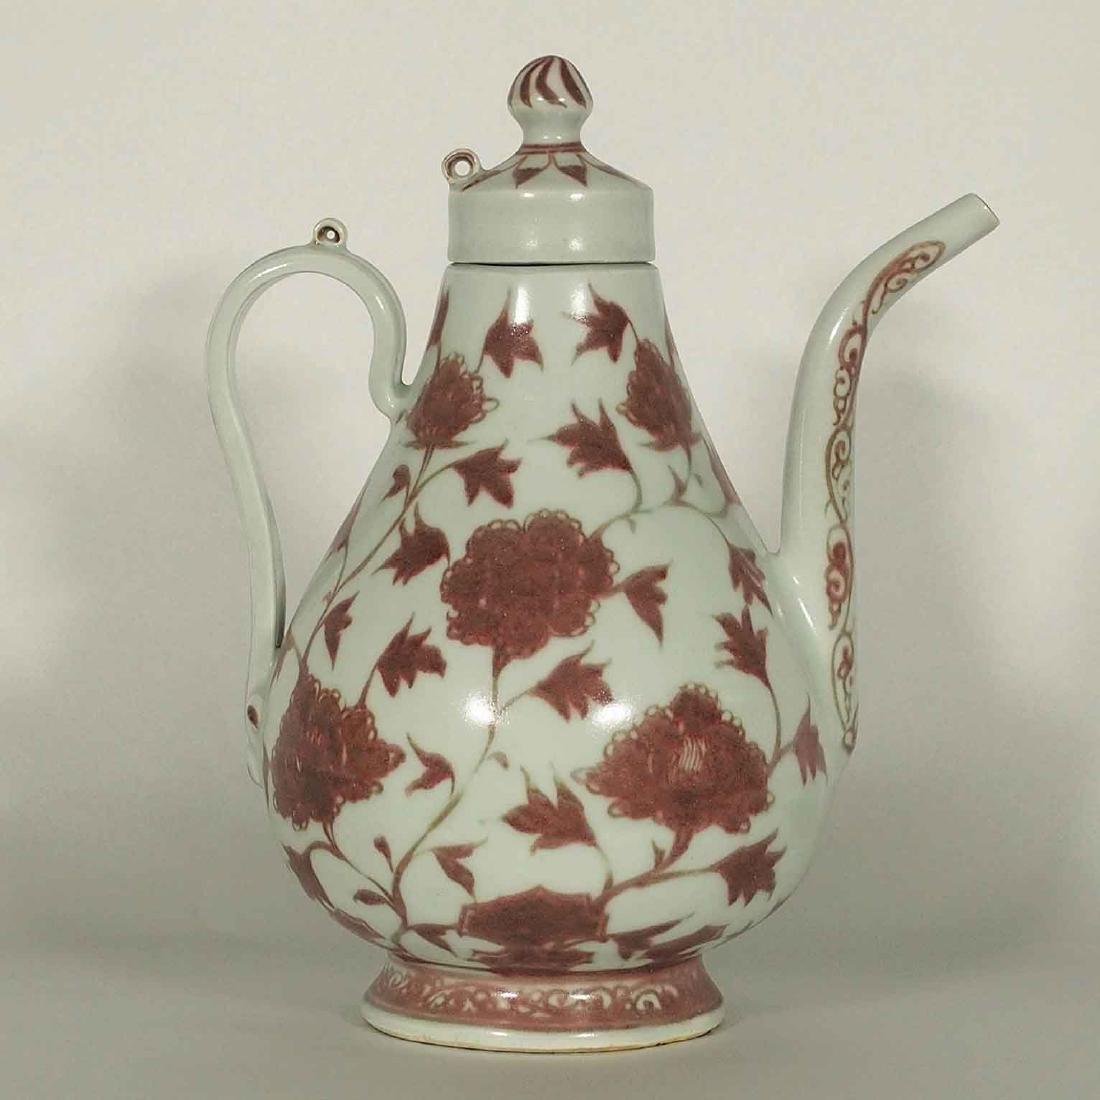 (TL) Lidded Ewer with Flower Design, Yuan Dynasty +TL